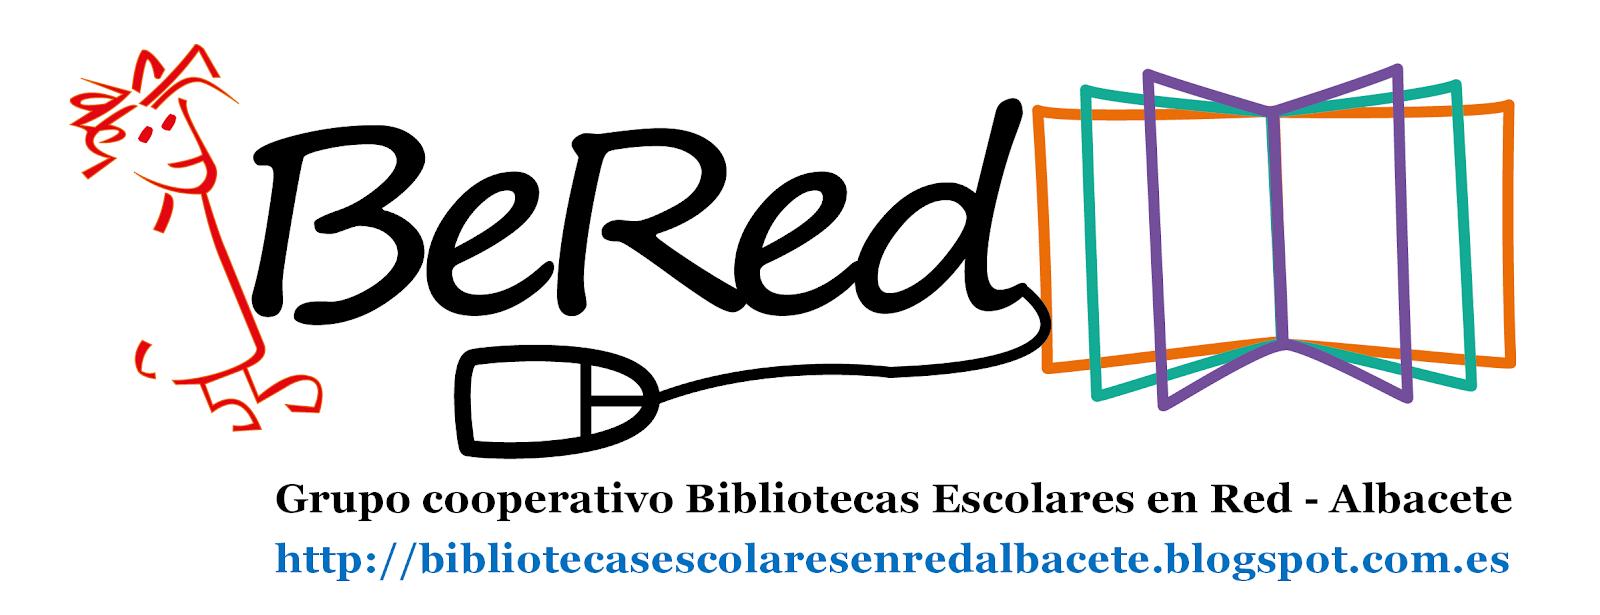 Grupo Cooperativo de Bibliotecas Escolares en Red de Albacete